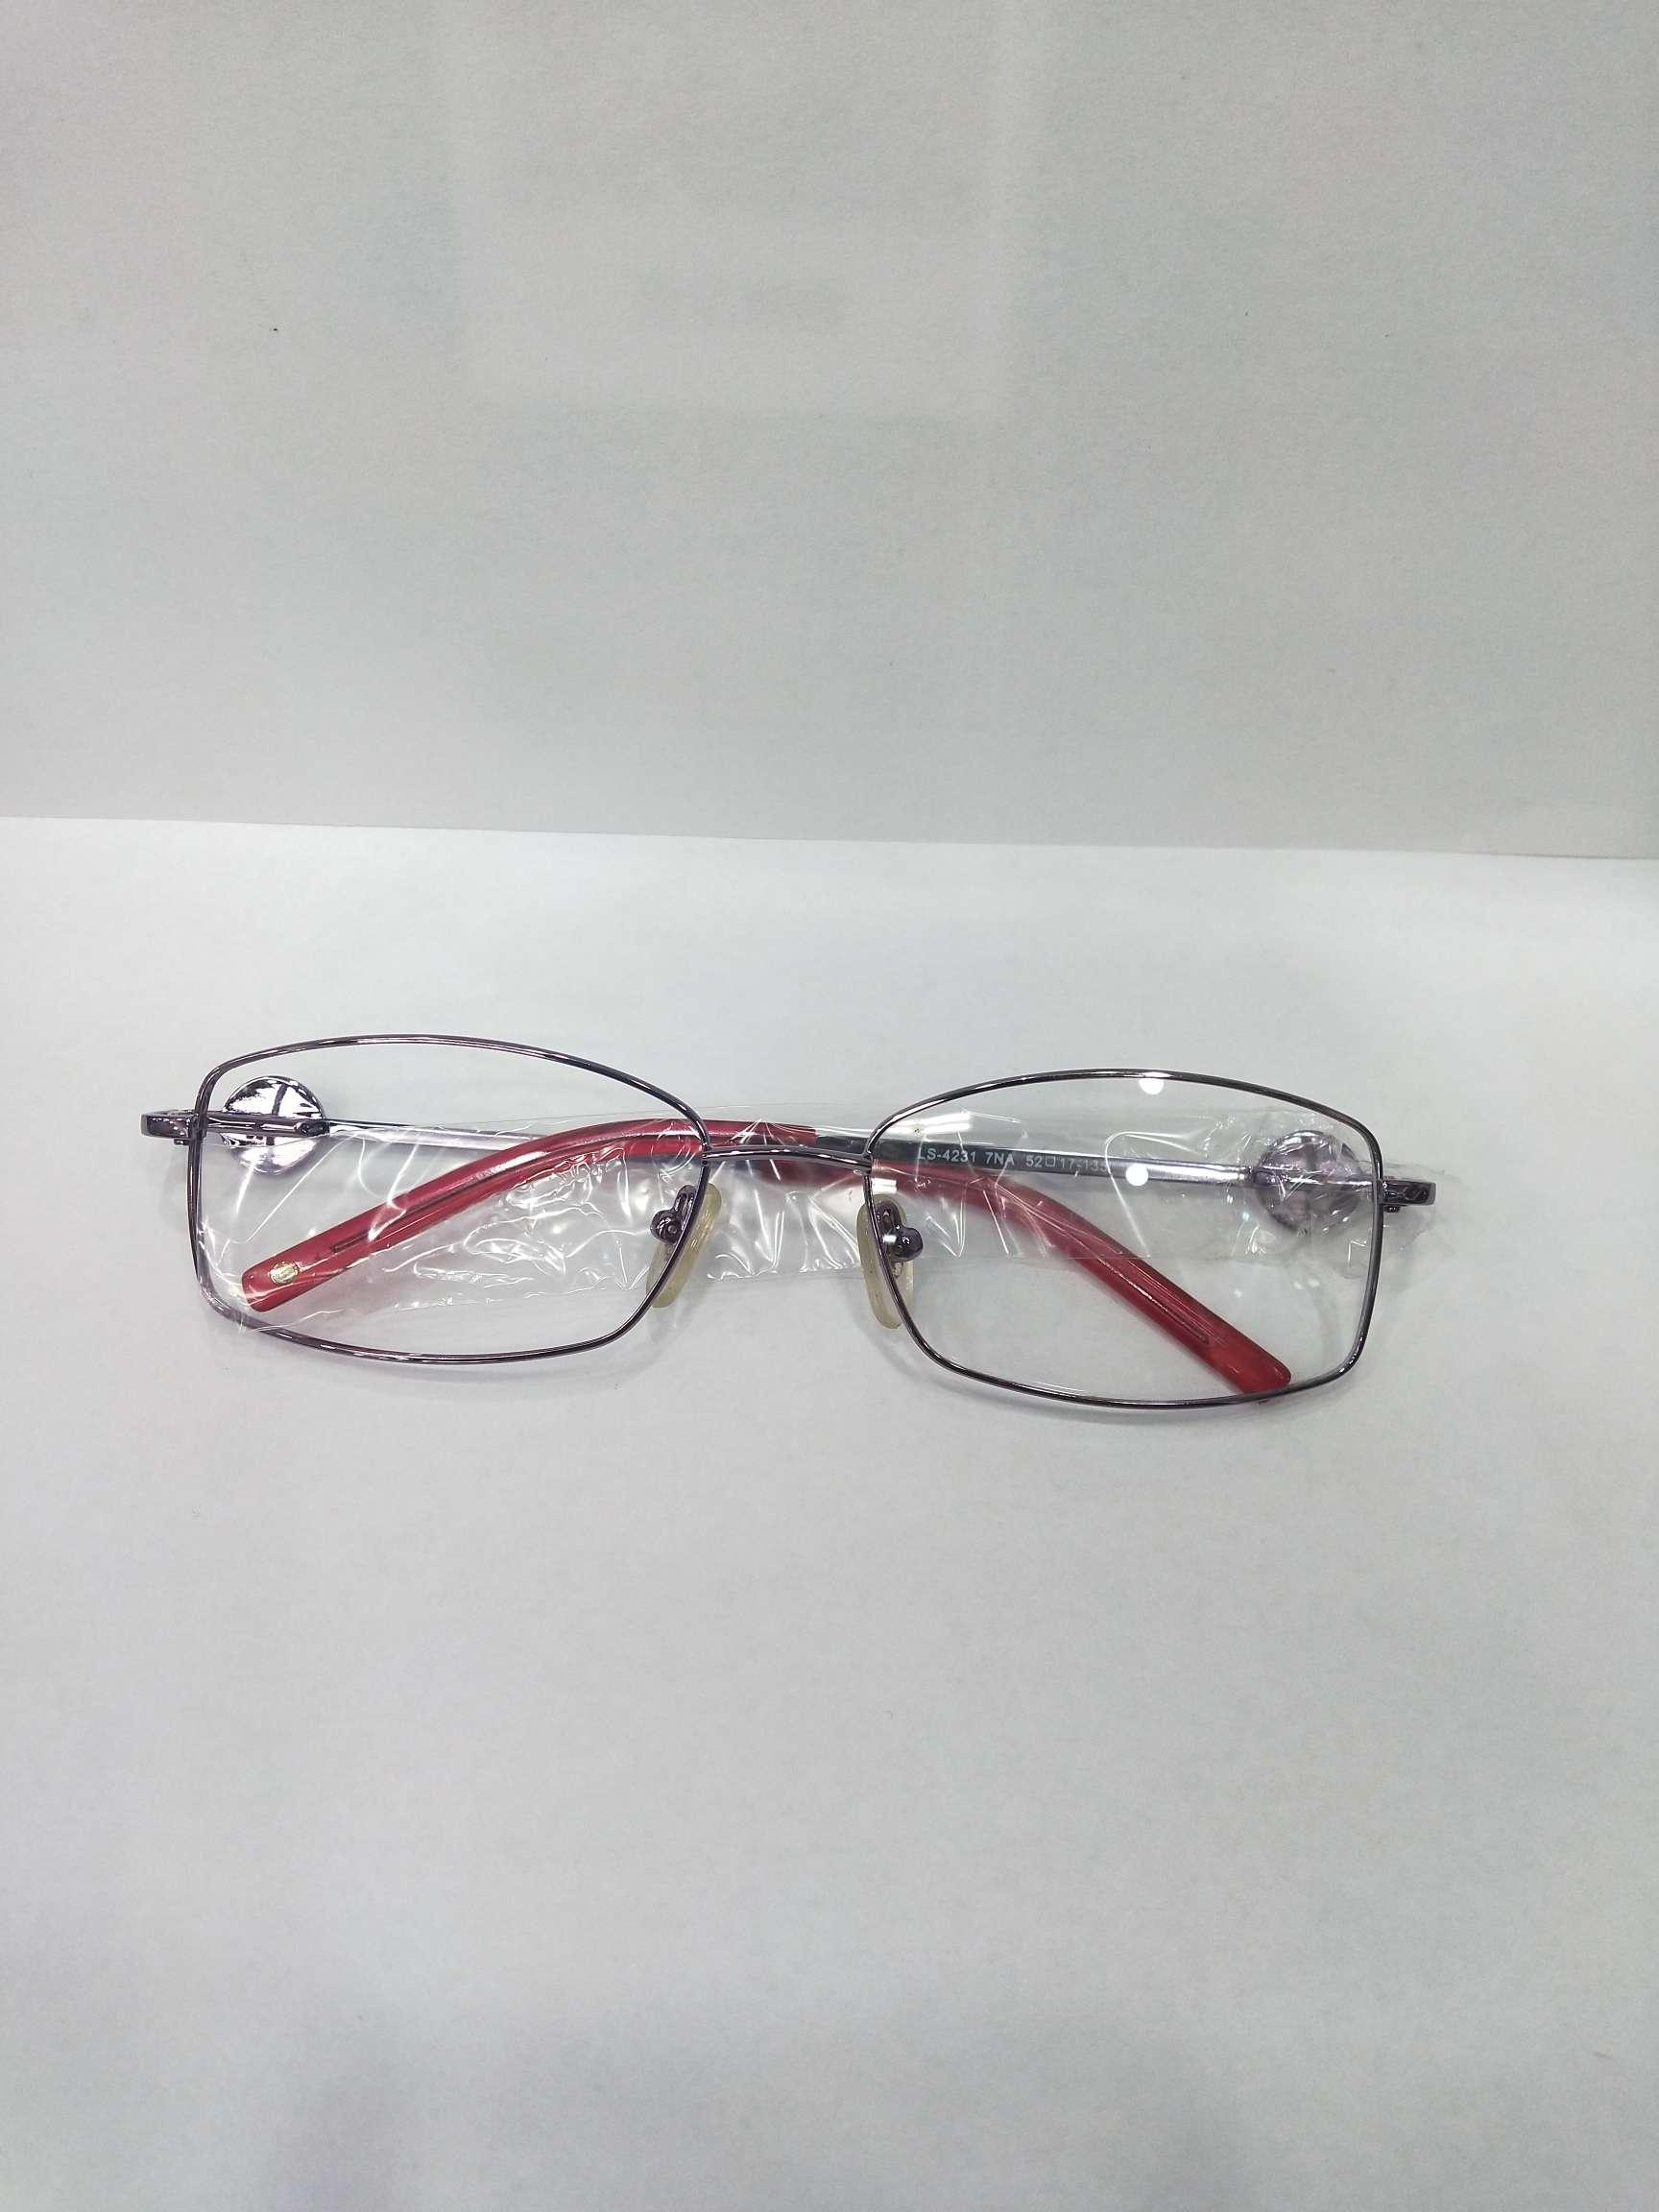 全框粉紫色弹簧腿可以配老花镜近视眼镜阿姨眼镜